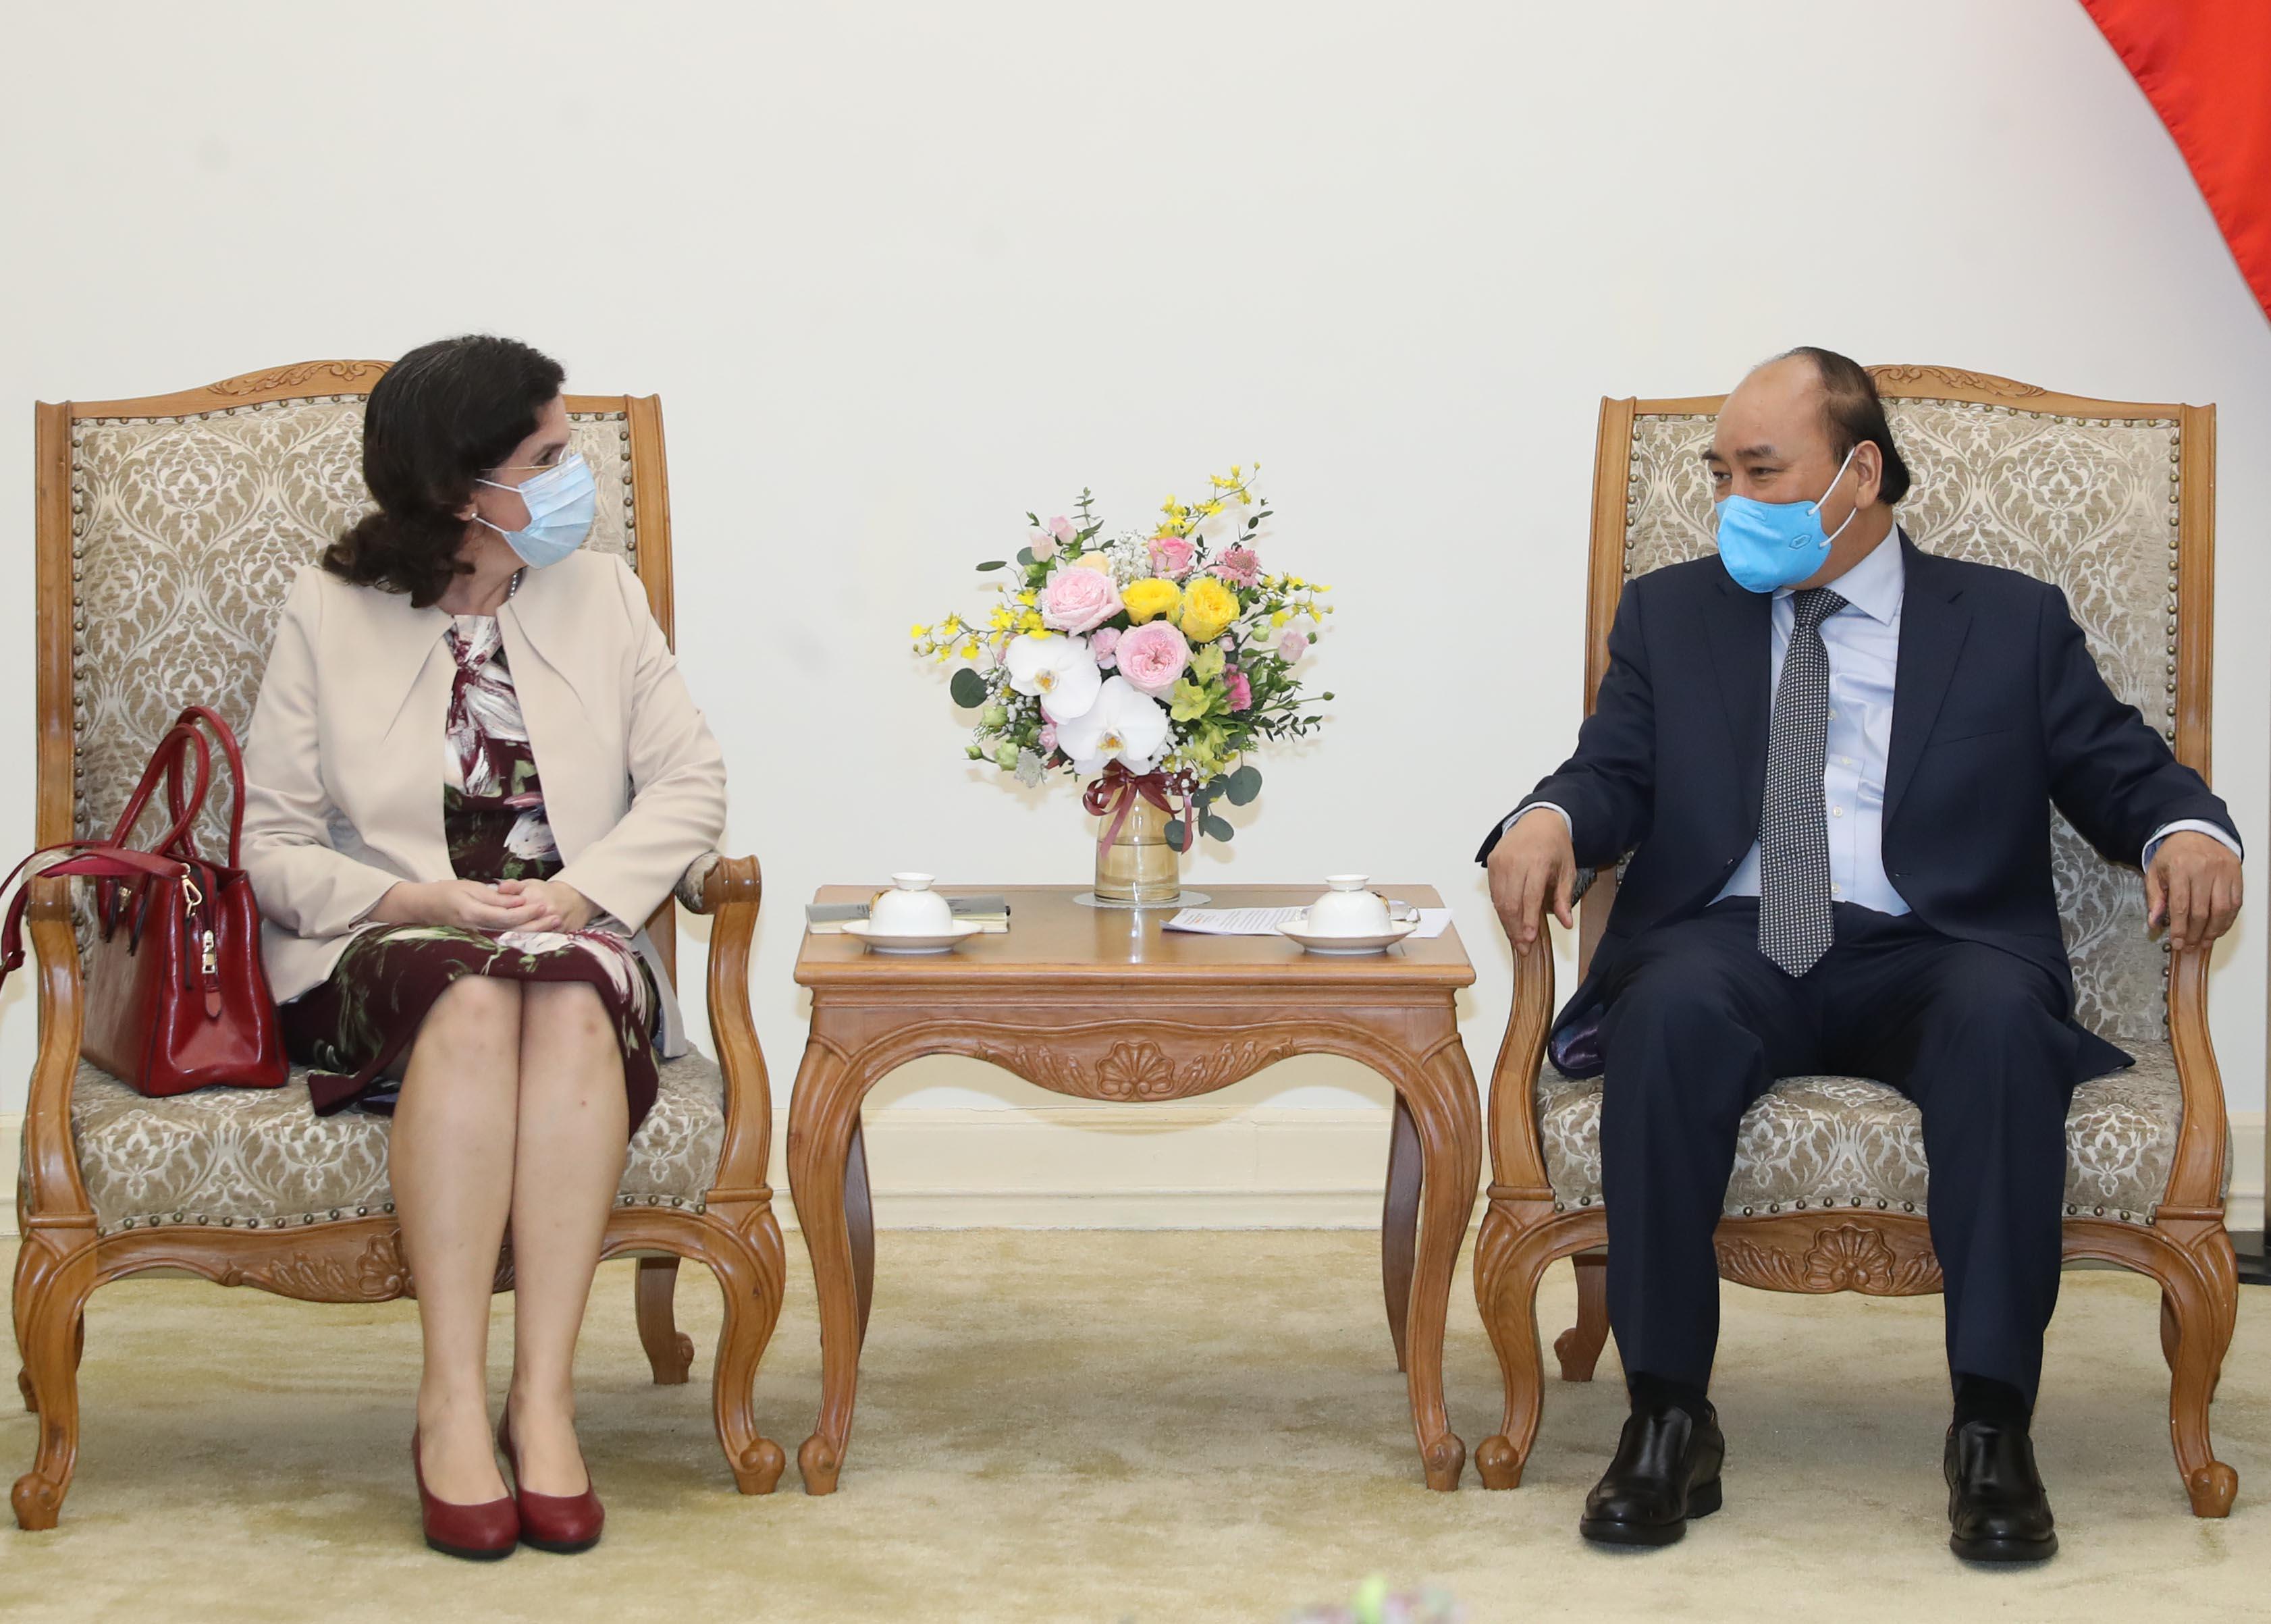 Thủ tướng Nguyễn Xuân Phúc tiếp Đại sứ Cuba tại Việt Nam Lianys Torres Rivera, chiều 17/4. Ảnh: VGP/Quang Hiếu